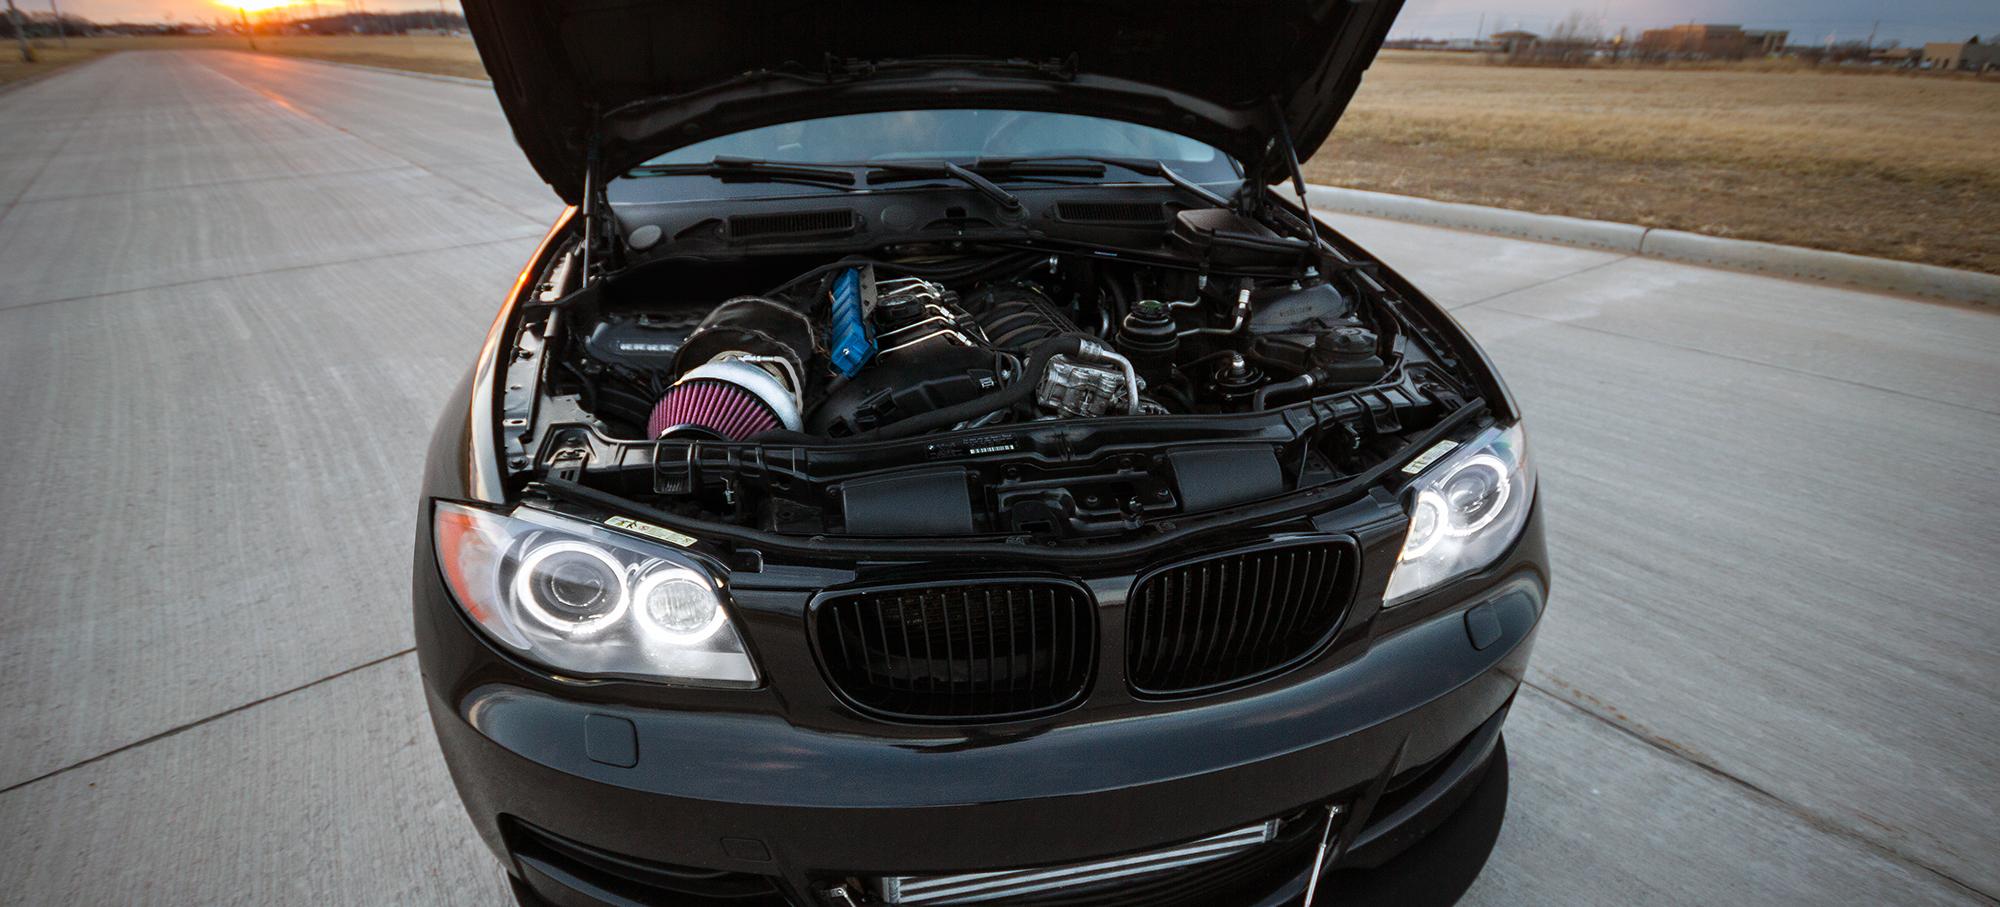 Bmw 135i335i Single Turbo Bmw 135i N54